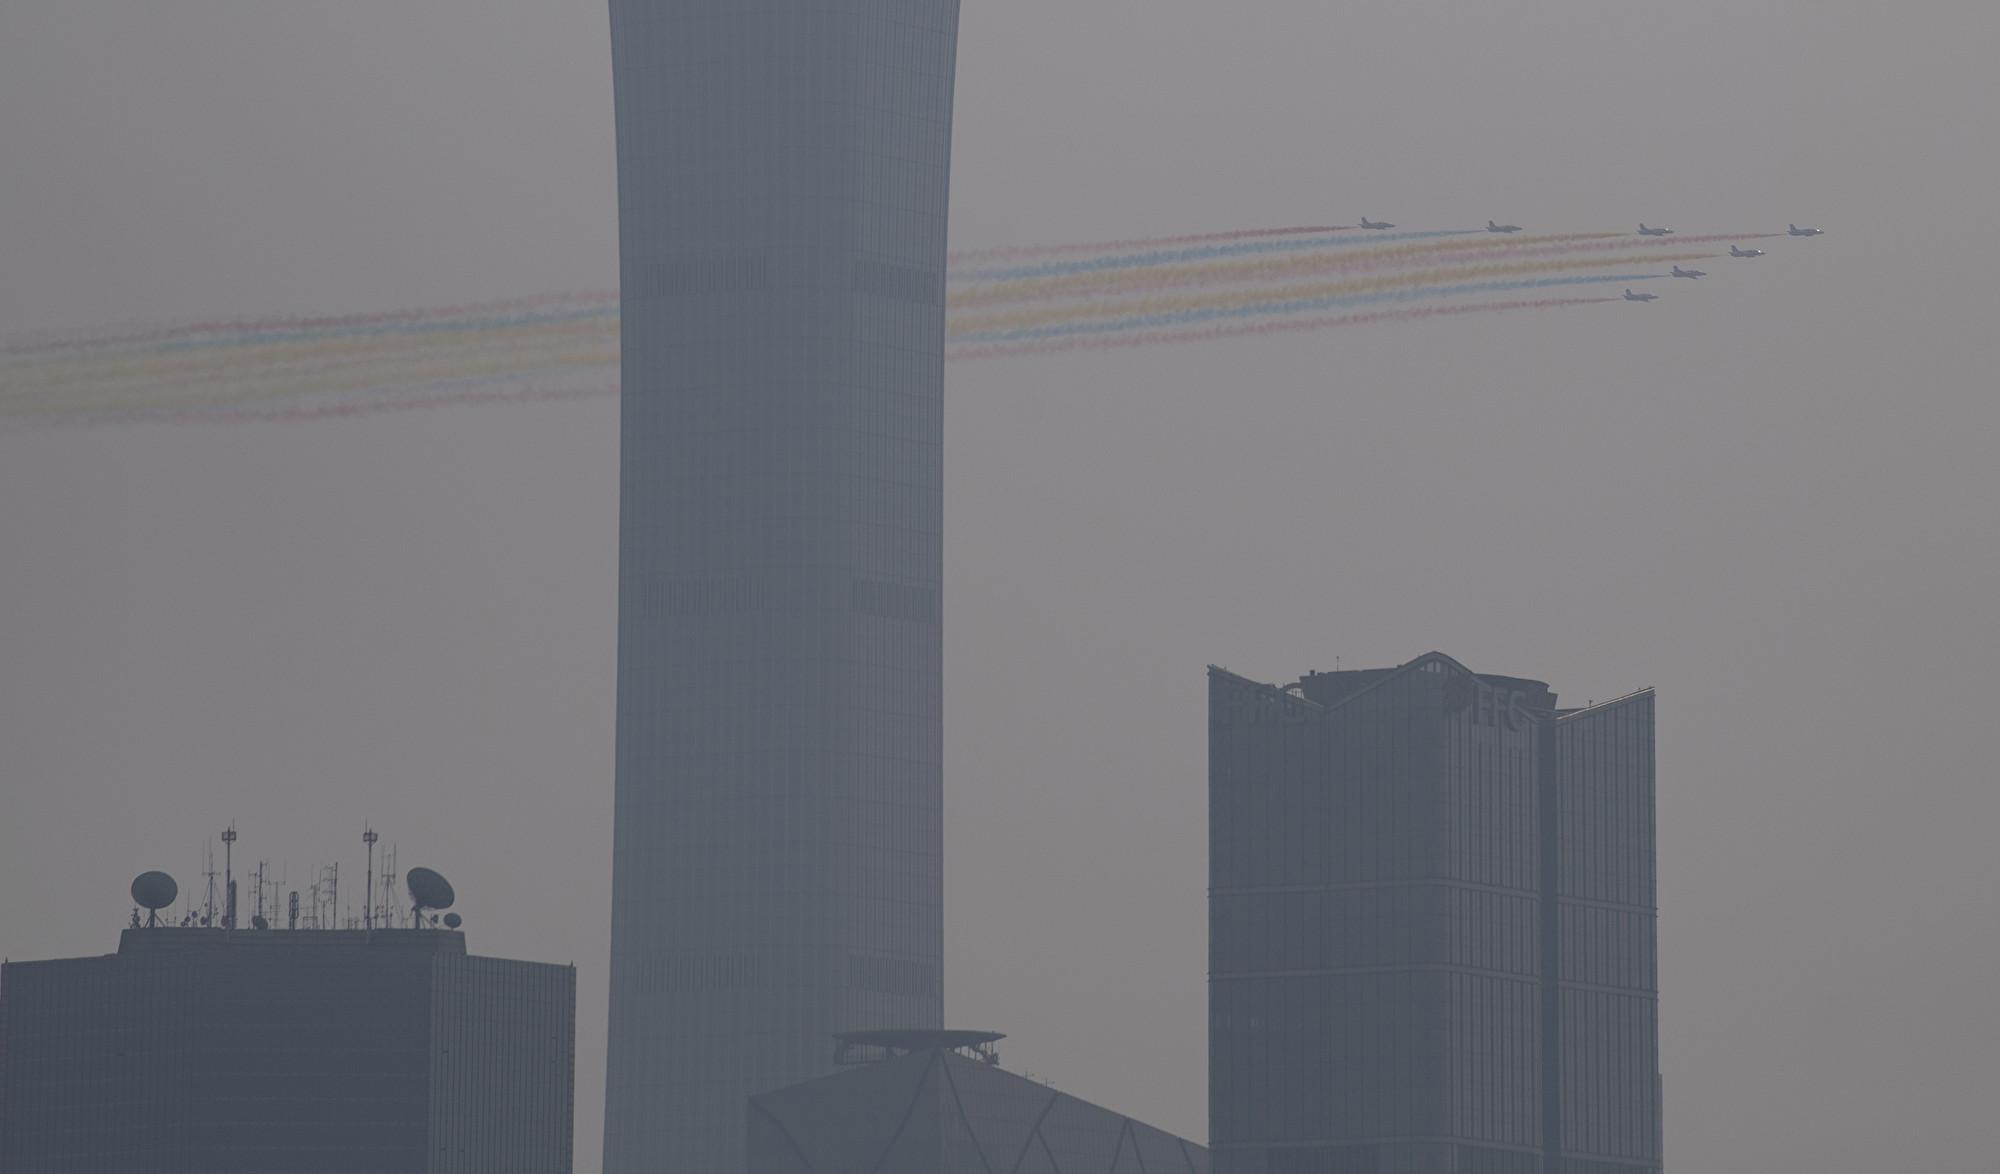 10月1日中共舉行閱兵式,北京城被陰霾籠罩。圖為天空中的彩色飛機陣。(NOEL CELIS / AFP)